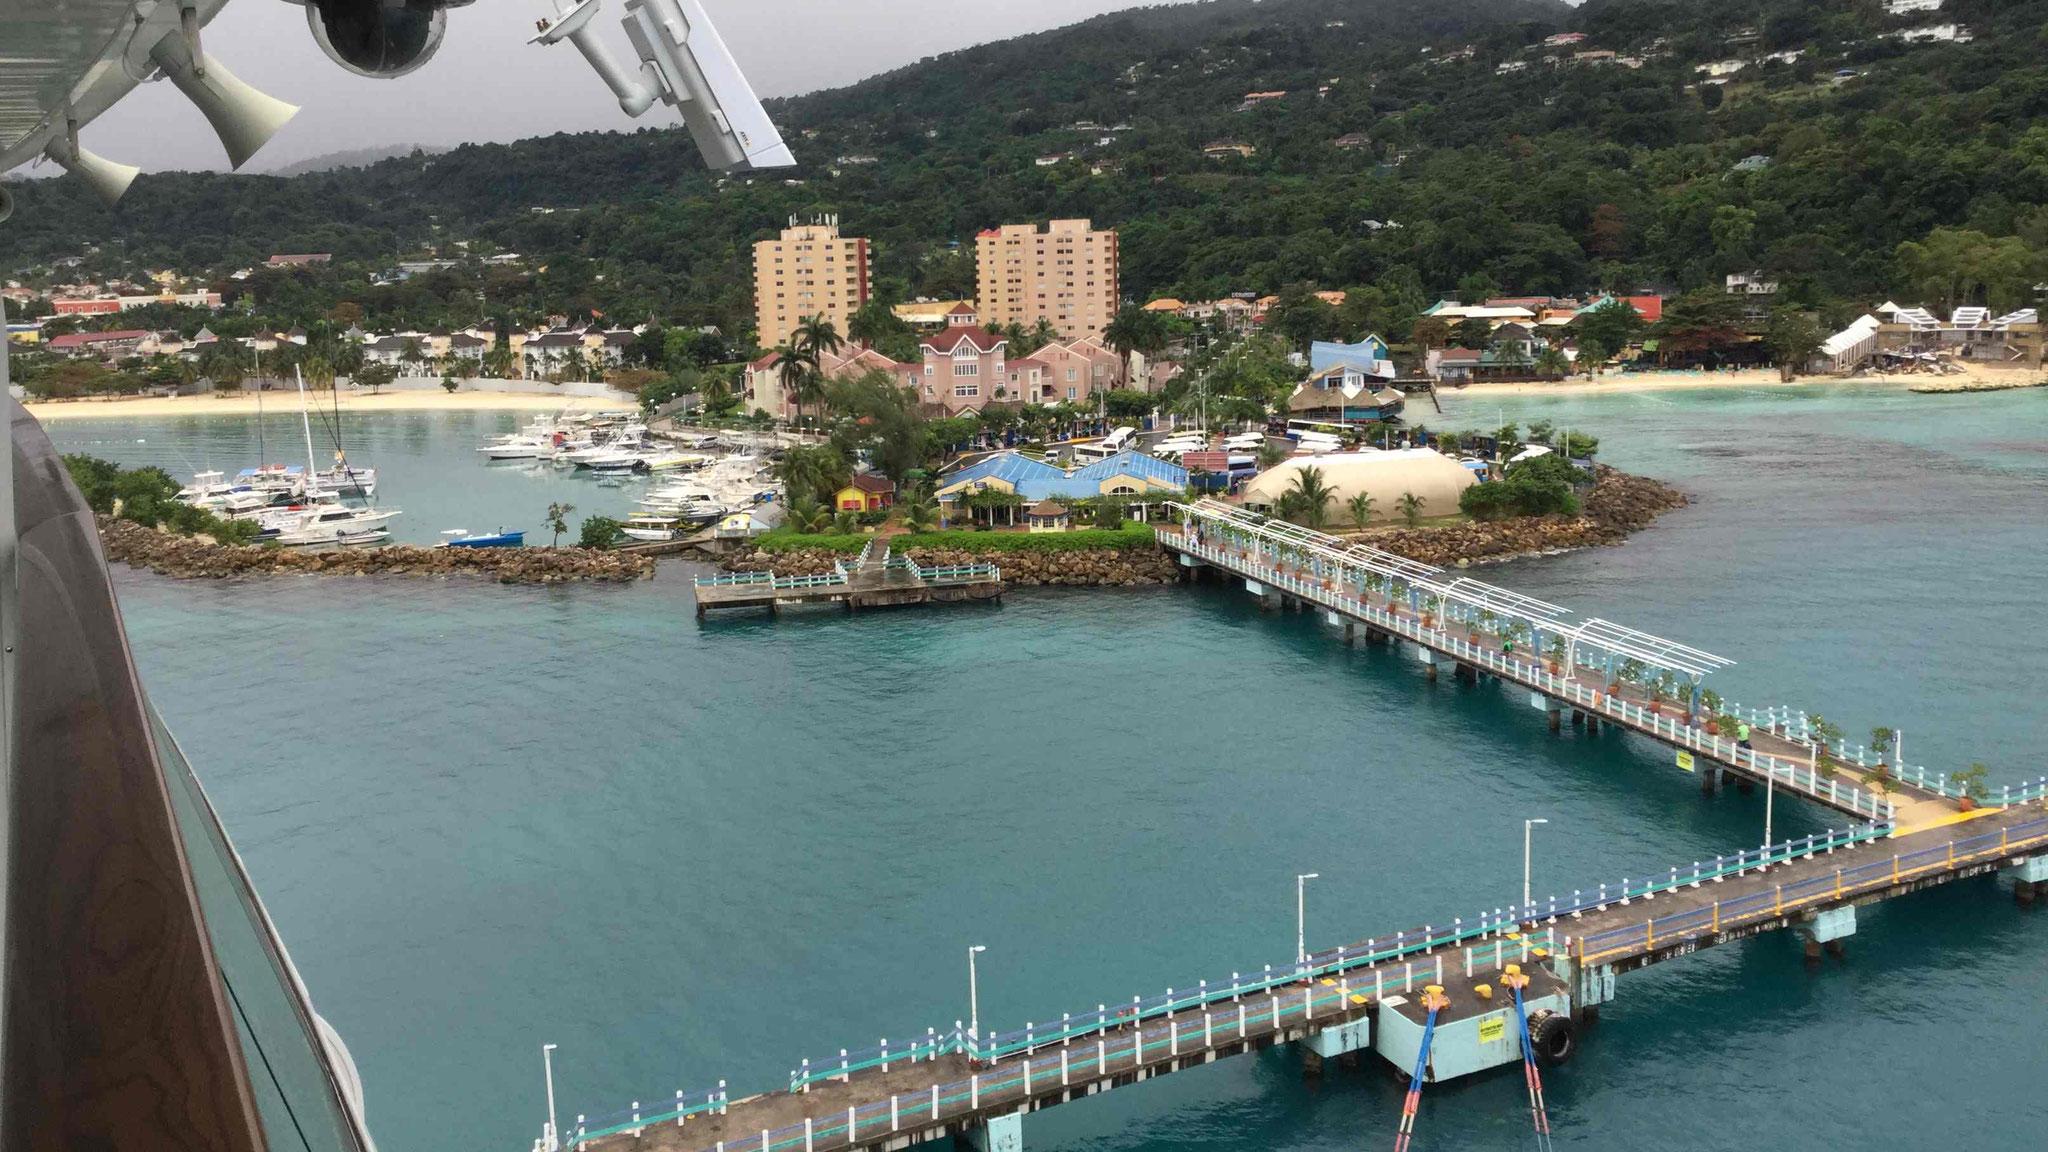 Blick vom Schiff auf den Ocho Rios Cruise Terminal